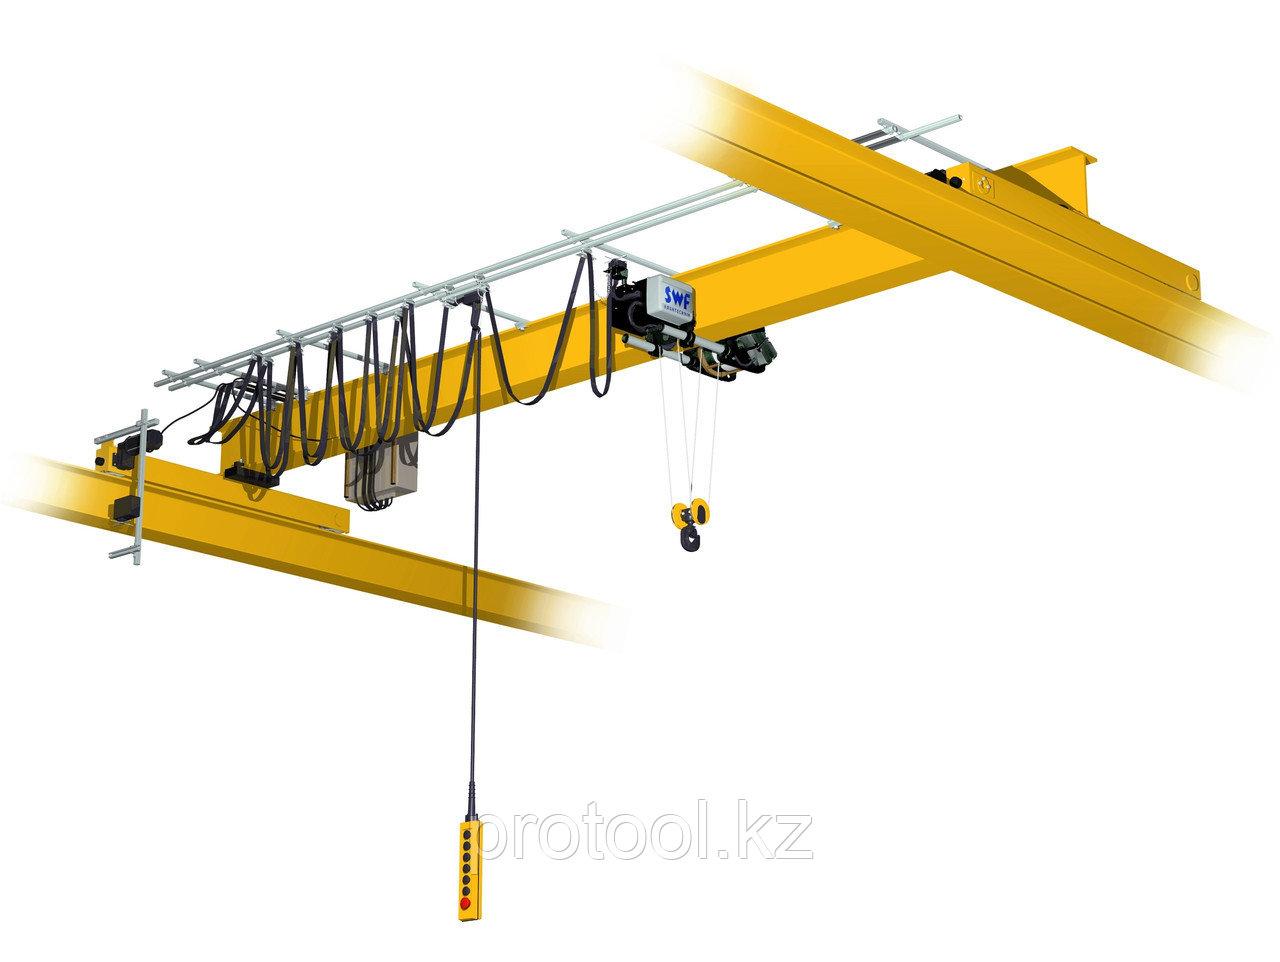 Кран мостовой однобалочный опорный однопролётный г/п 2 т пролет 6,0 м